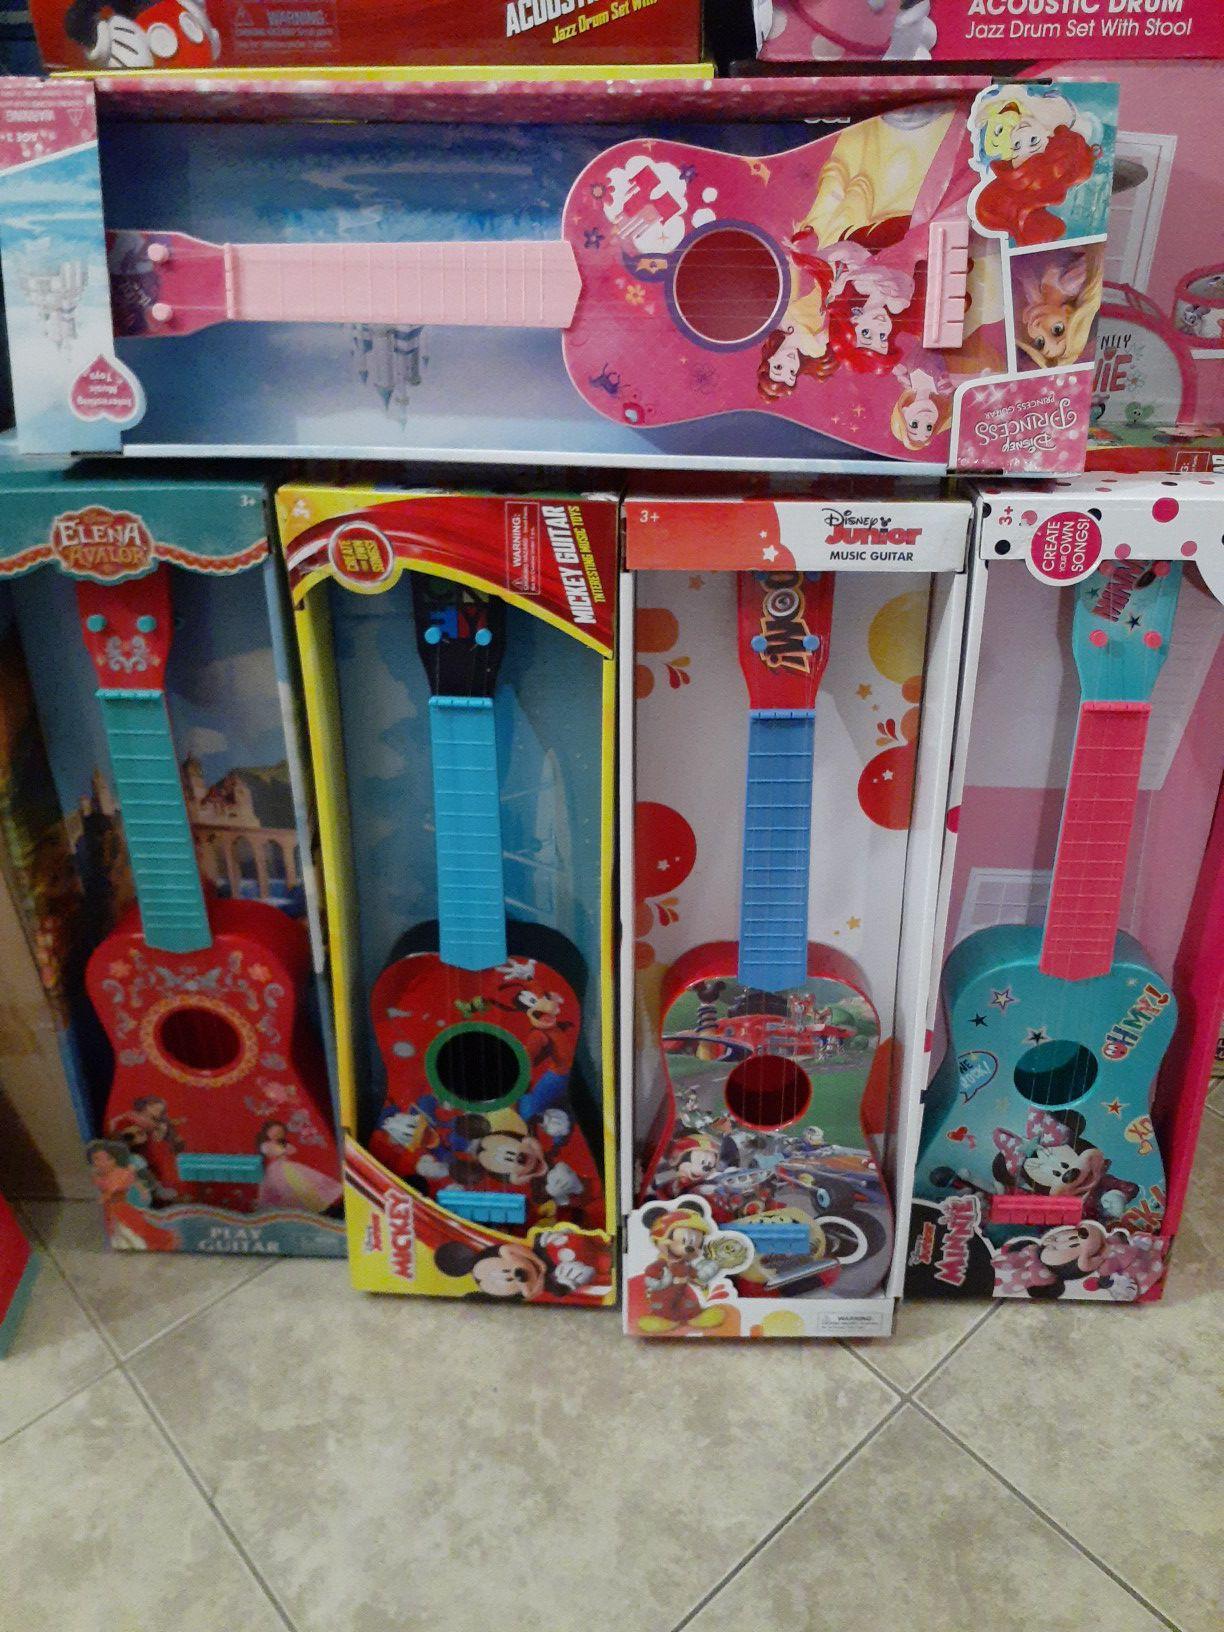 Disney guitars